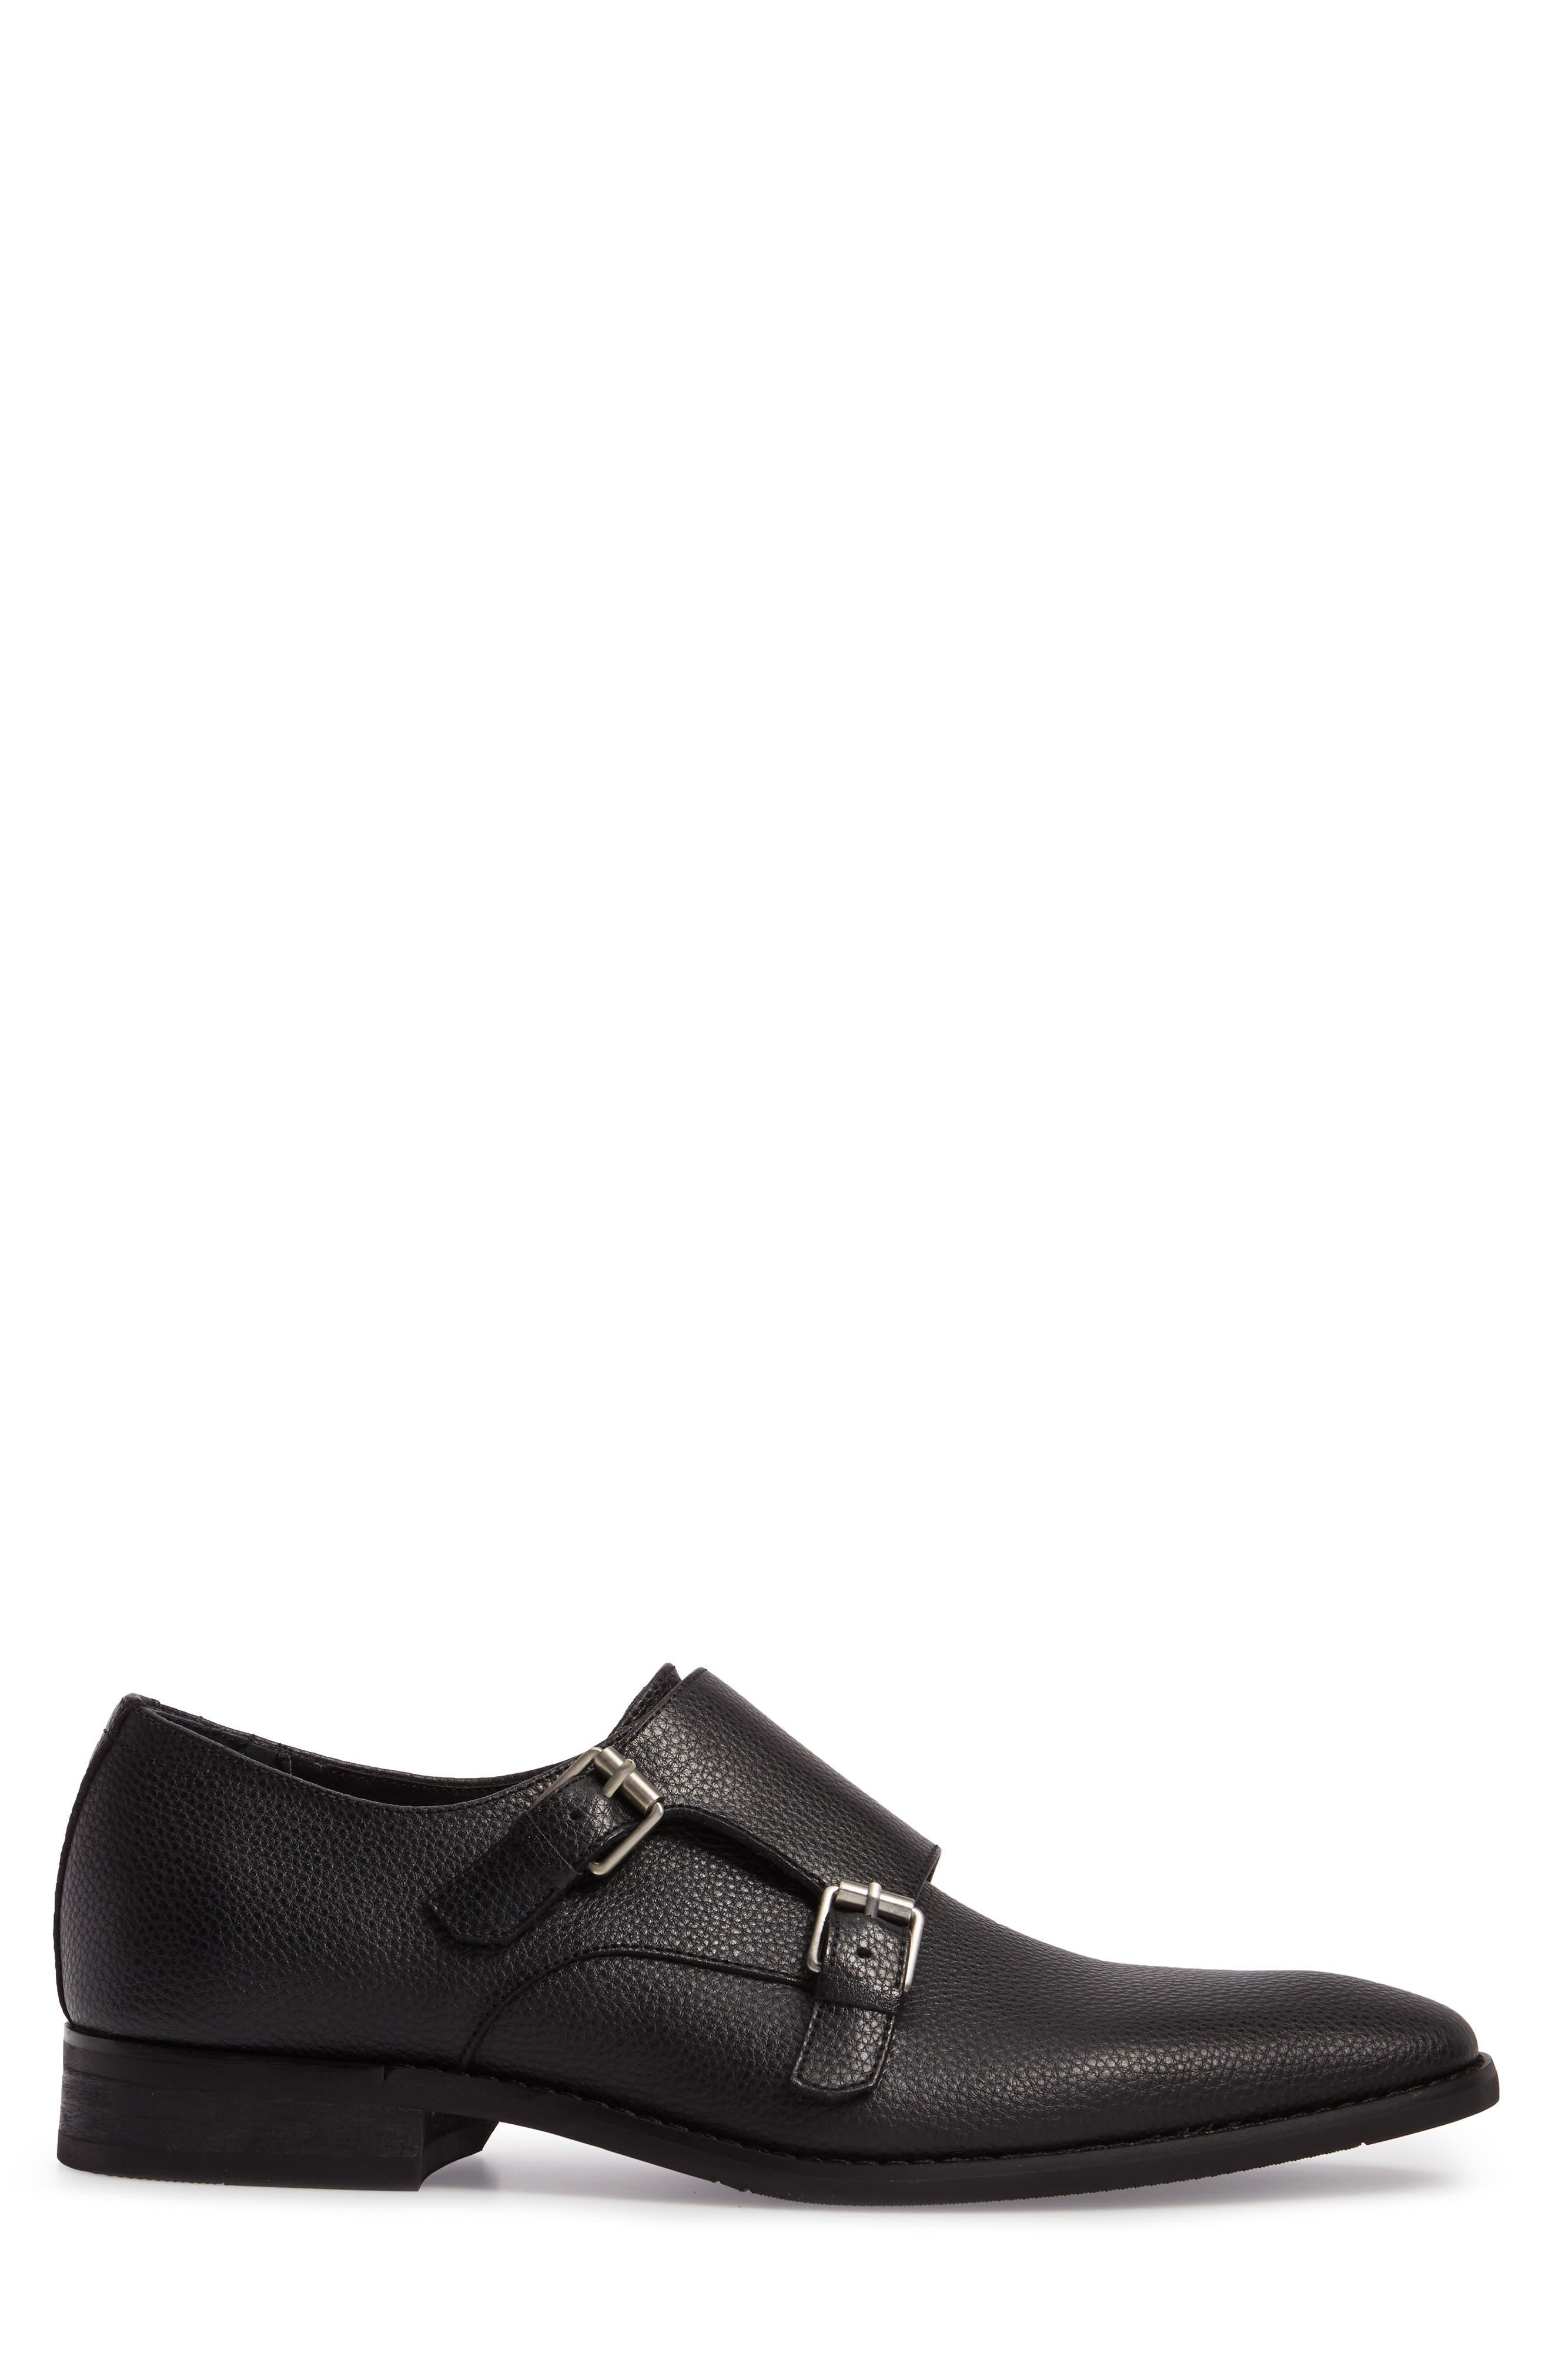 Robbie Double Monk Strap Shoe,                             Alternate thumbnail 3, color,                             Black Leather